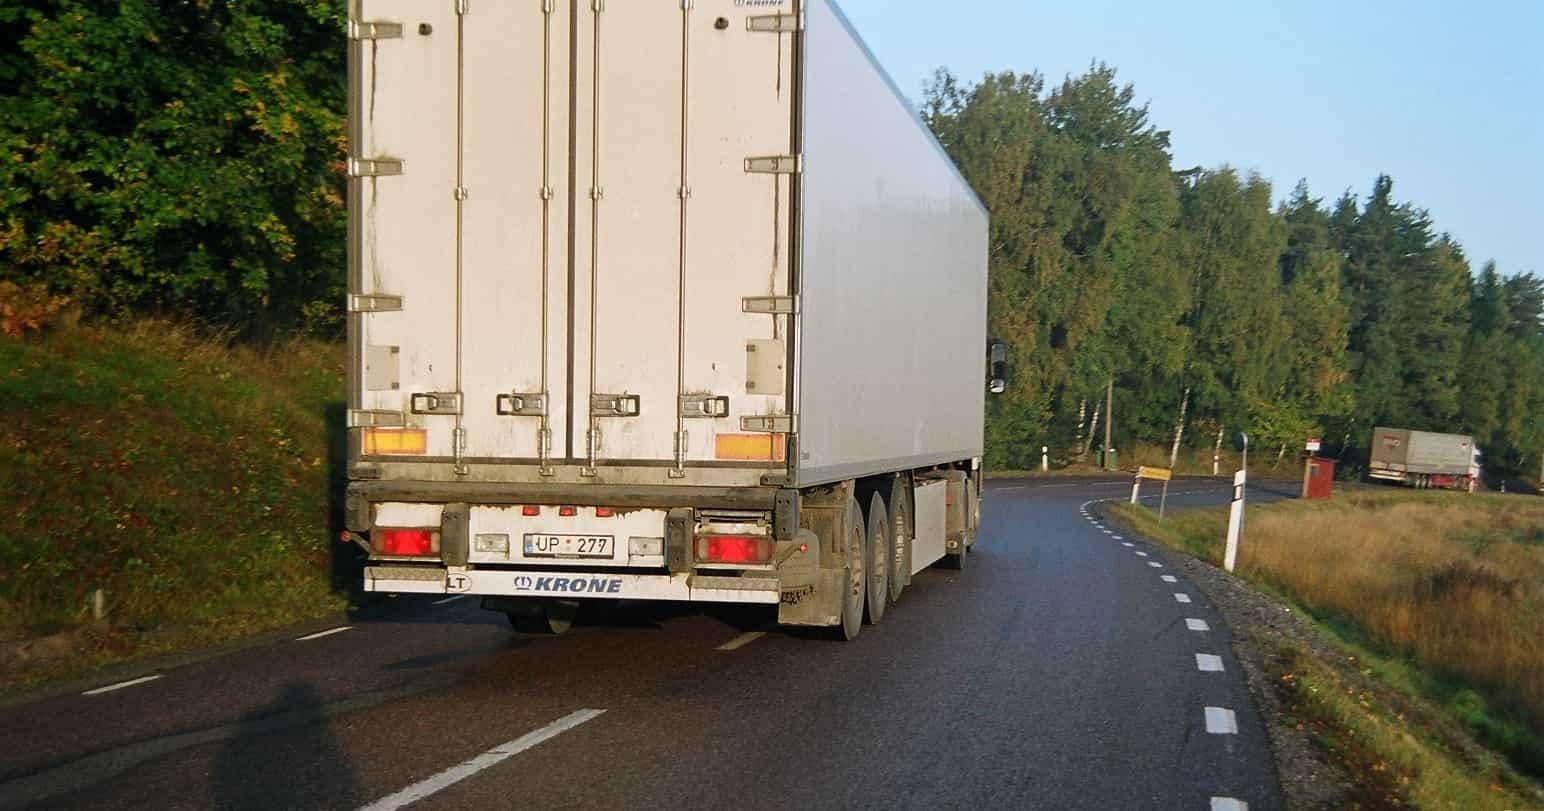 Vi vill förbättra trafiksäkerheten